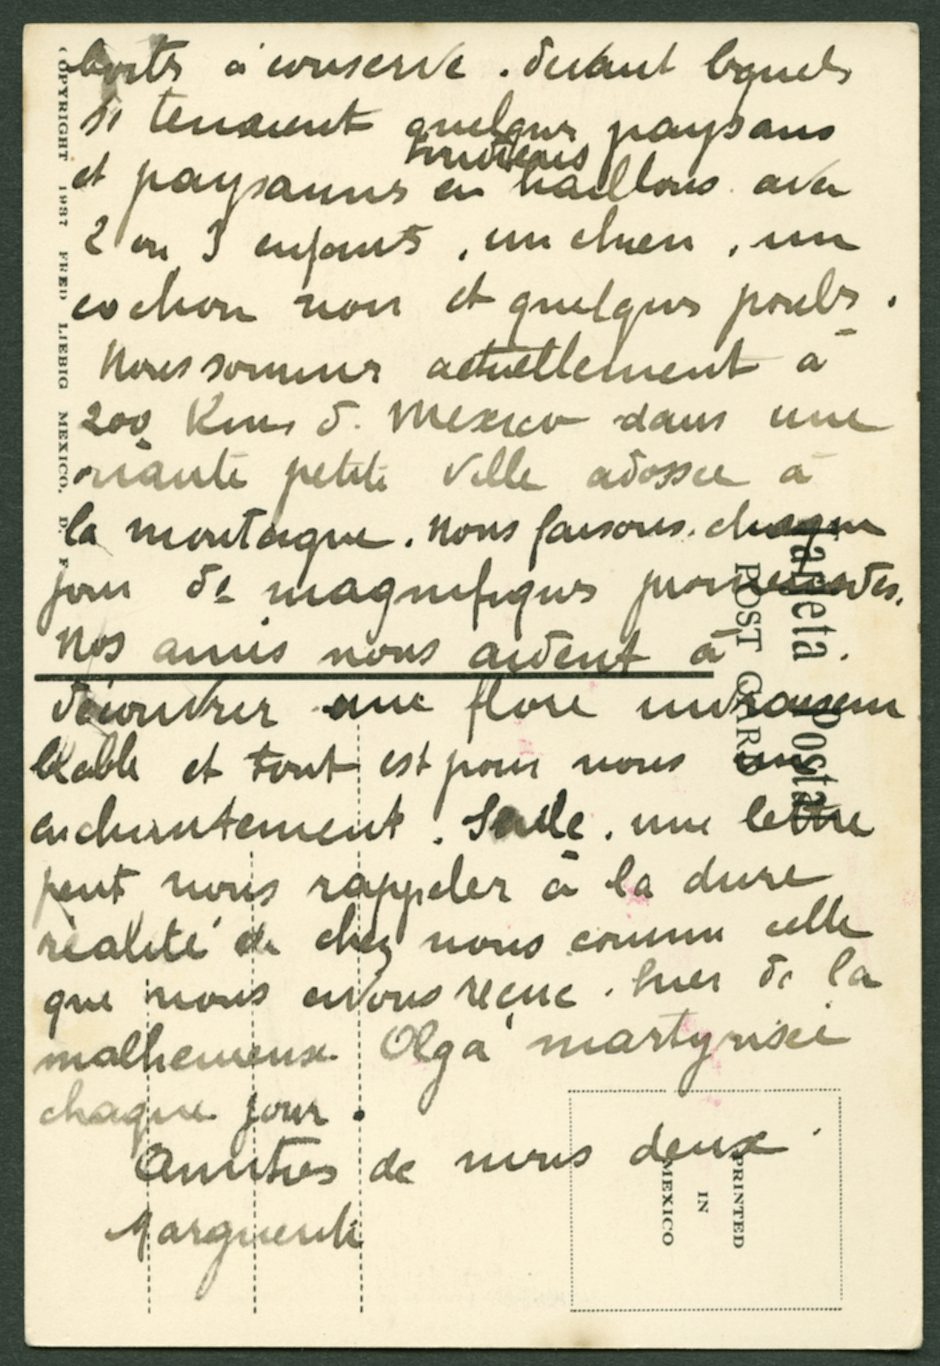 Deuxième partie de la lettre adressée par Marguerite Rosmer à Daniel Martinet, le 18 août 1939